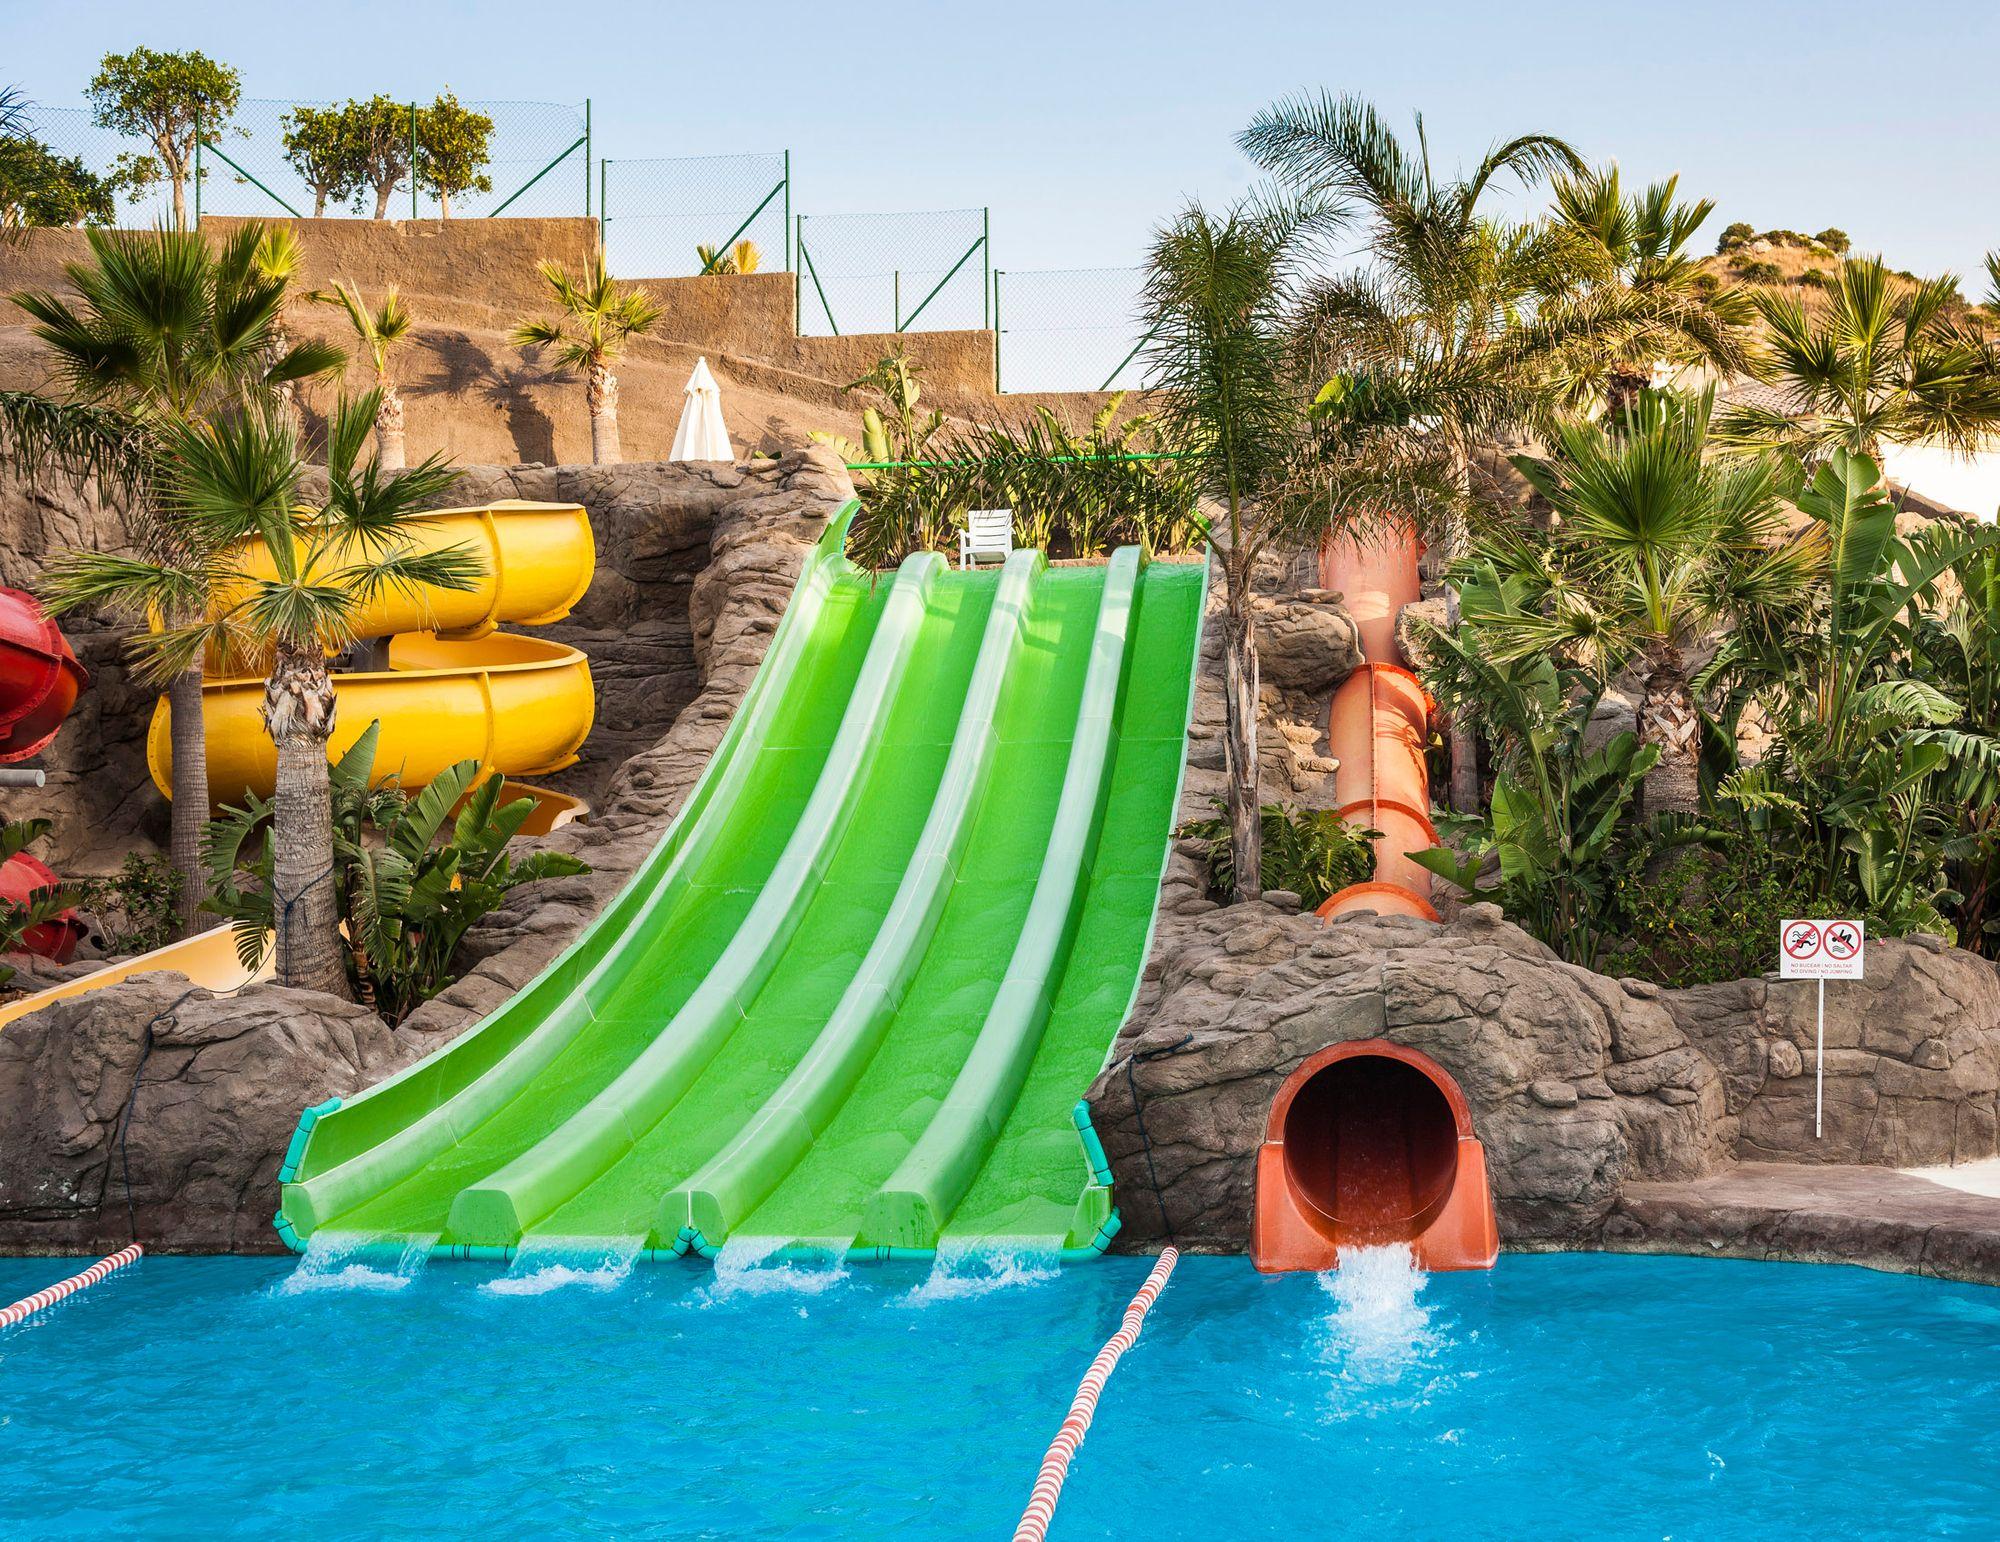 Piscinas De Nuestro Hotel En Málaga Globales Los Patos Park Pools At Our Hotel In Malaga Globales Los Patos Park Hotel Malagah In 2021 Water Park Park Hotel Hotel